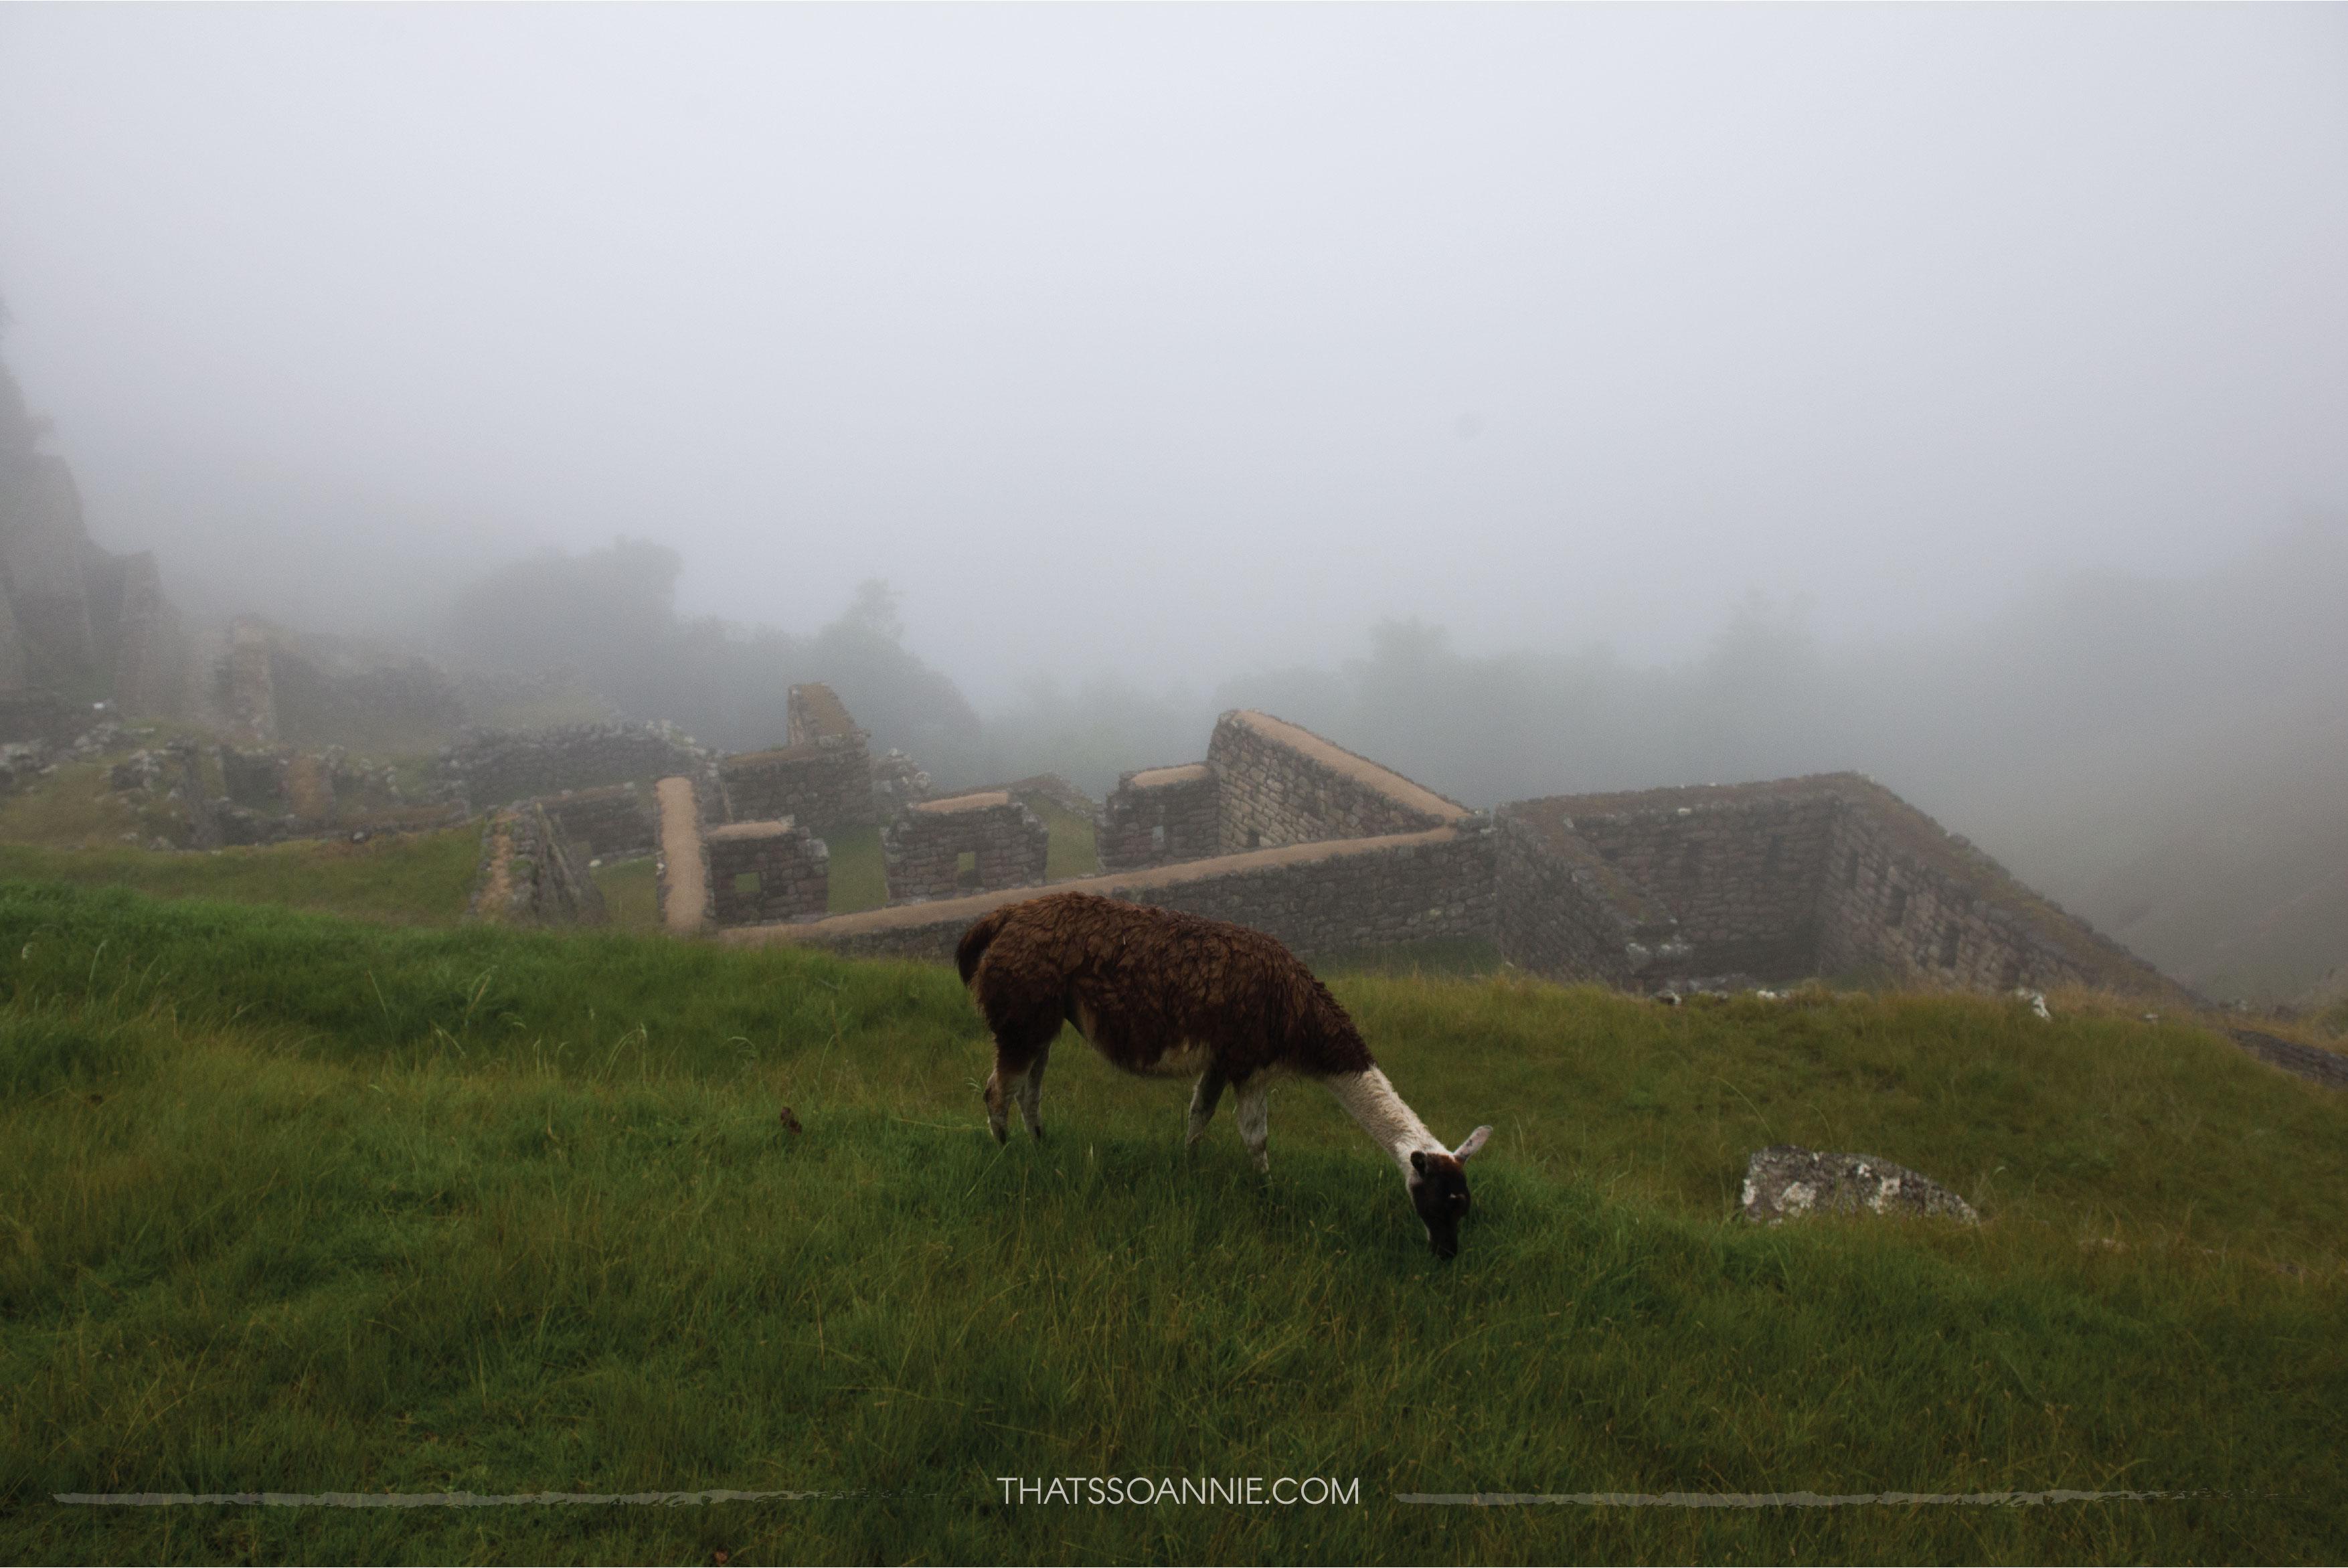 Foggy morning at Machu Picchu